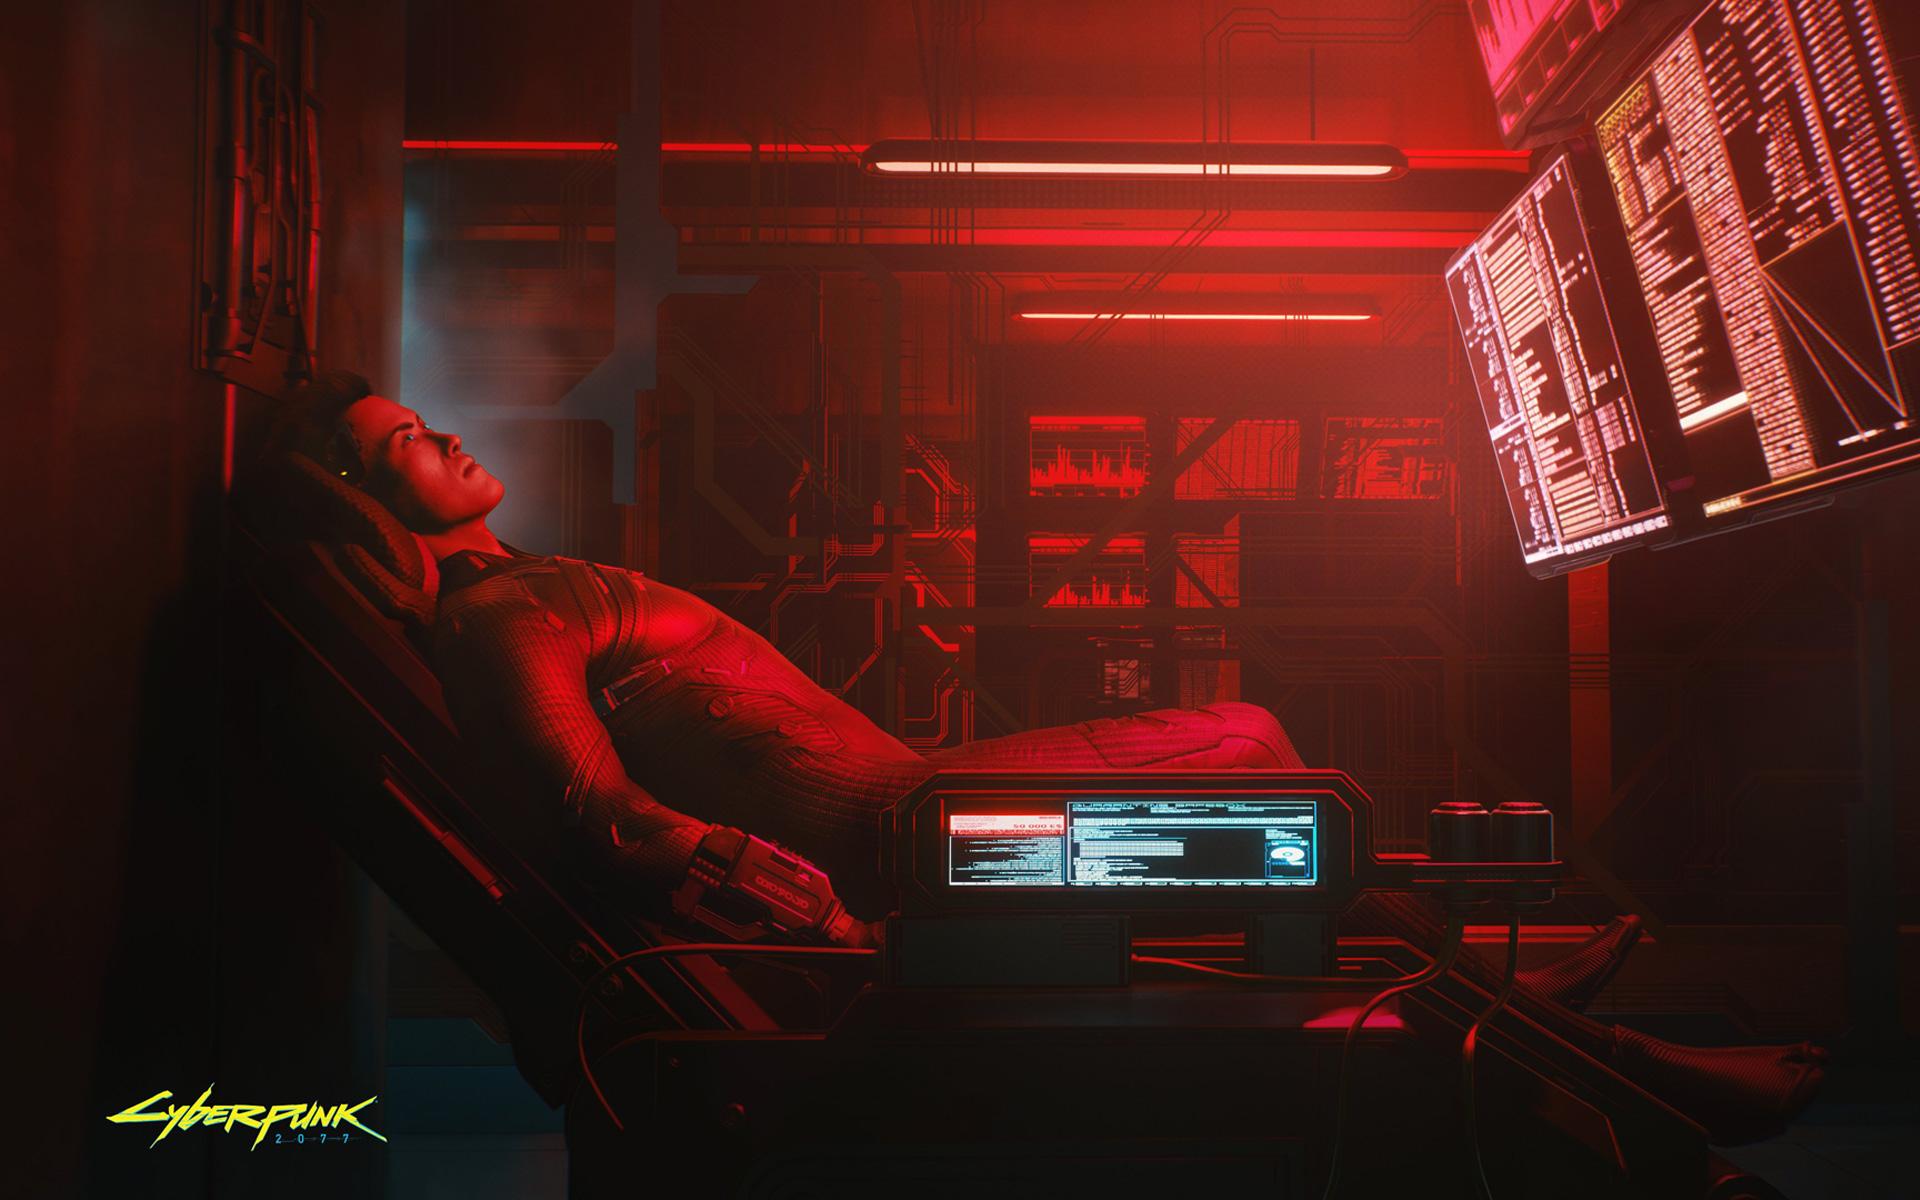 Cyberpunk 2077 Wallpaper in 1920x1200